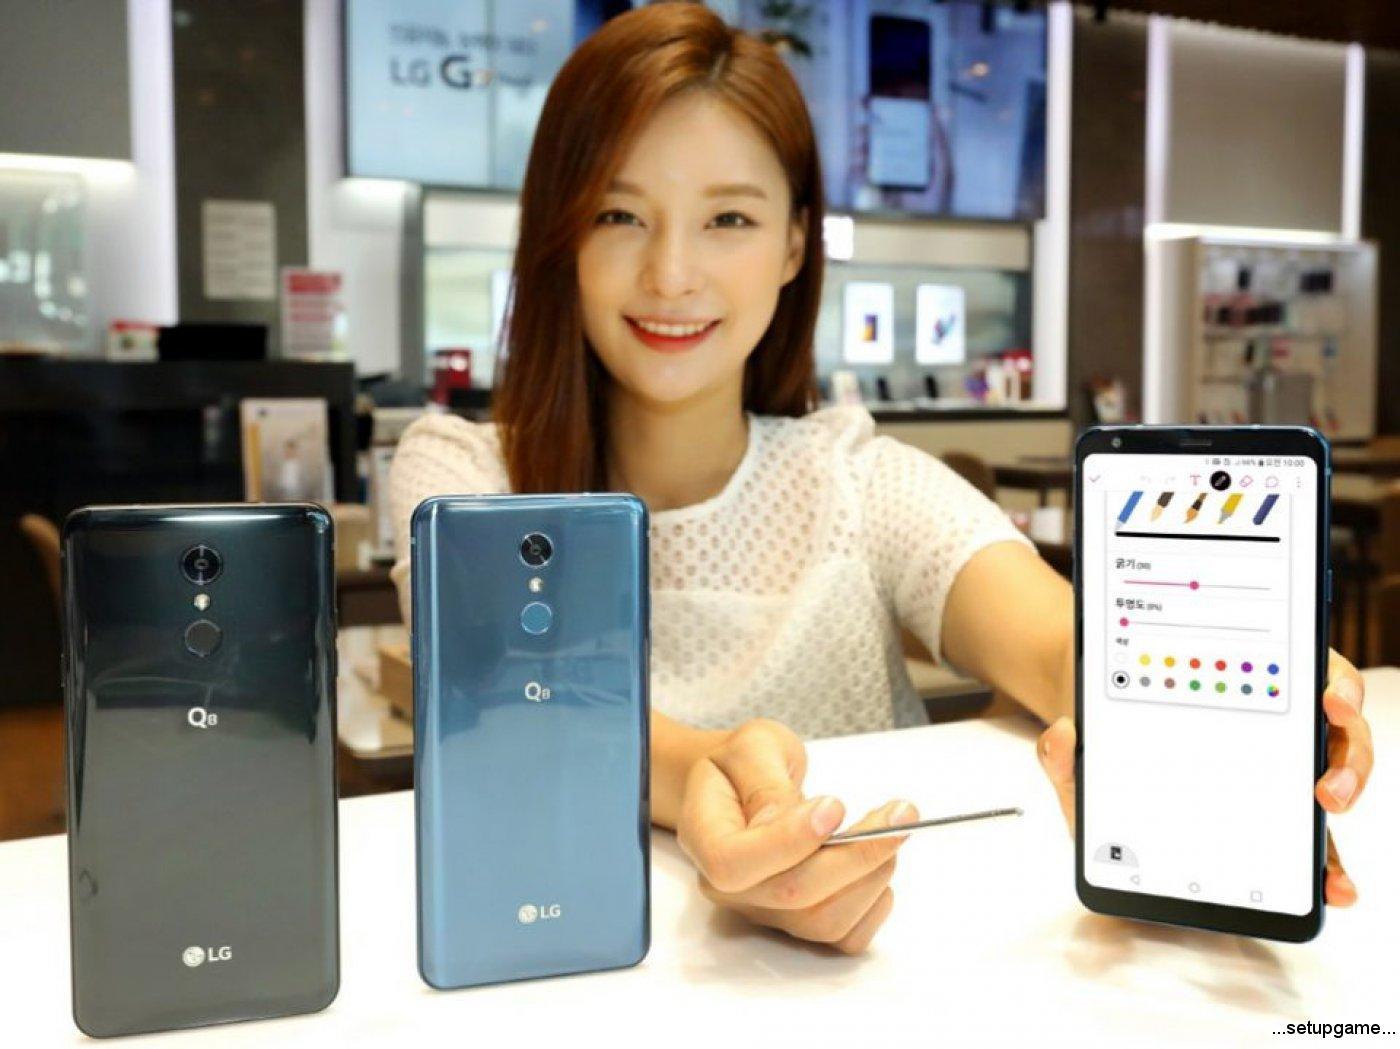 الجی از گوشی Q8 سال 2018 با نمایشگر 6.2 اینچی و قلم رونمایی کرد